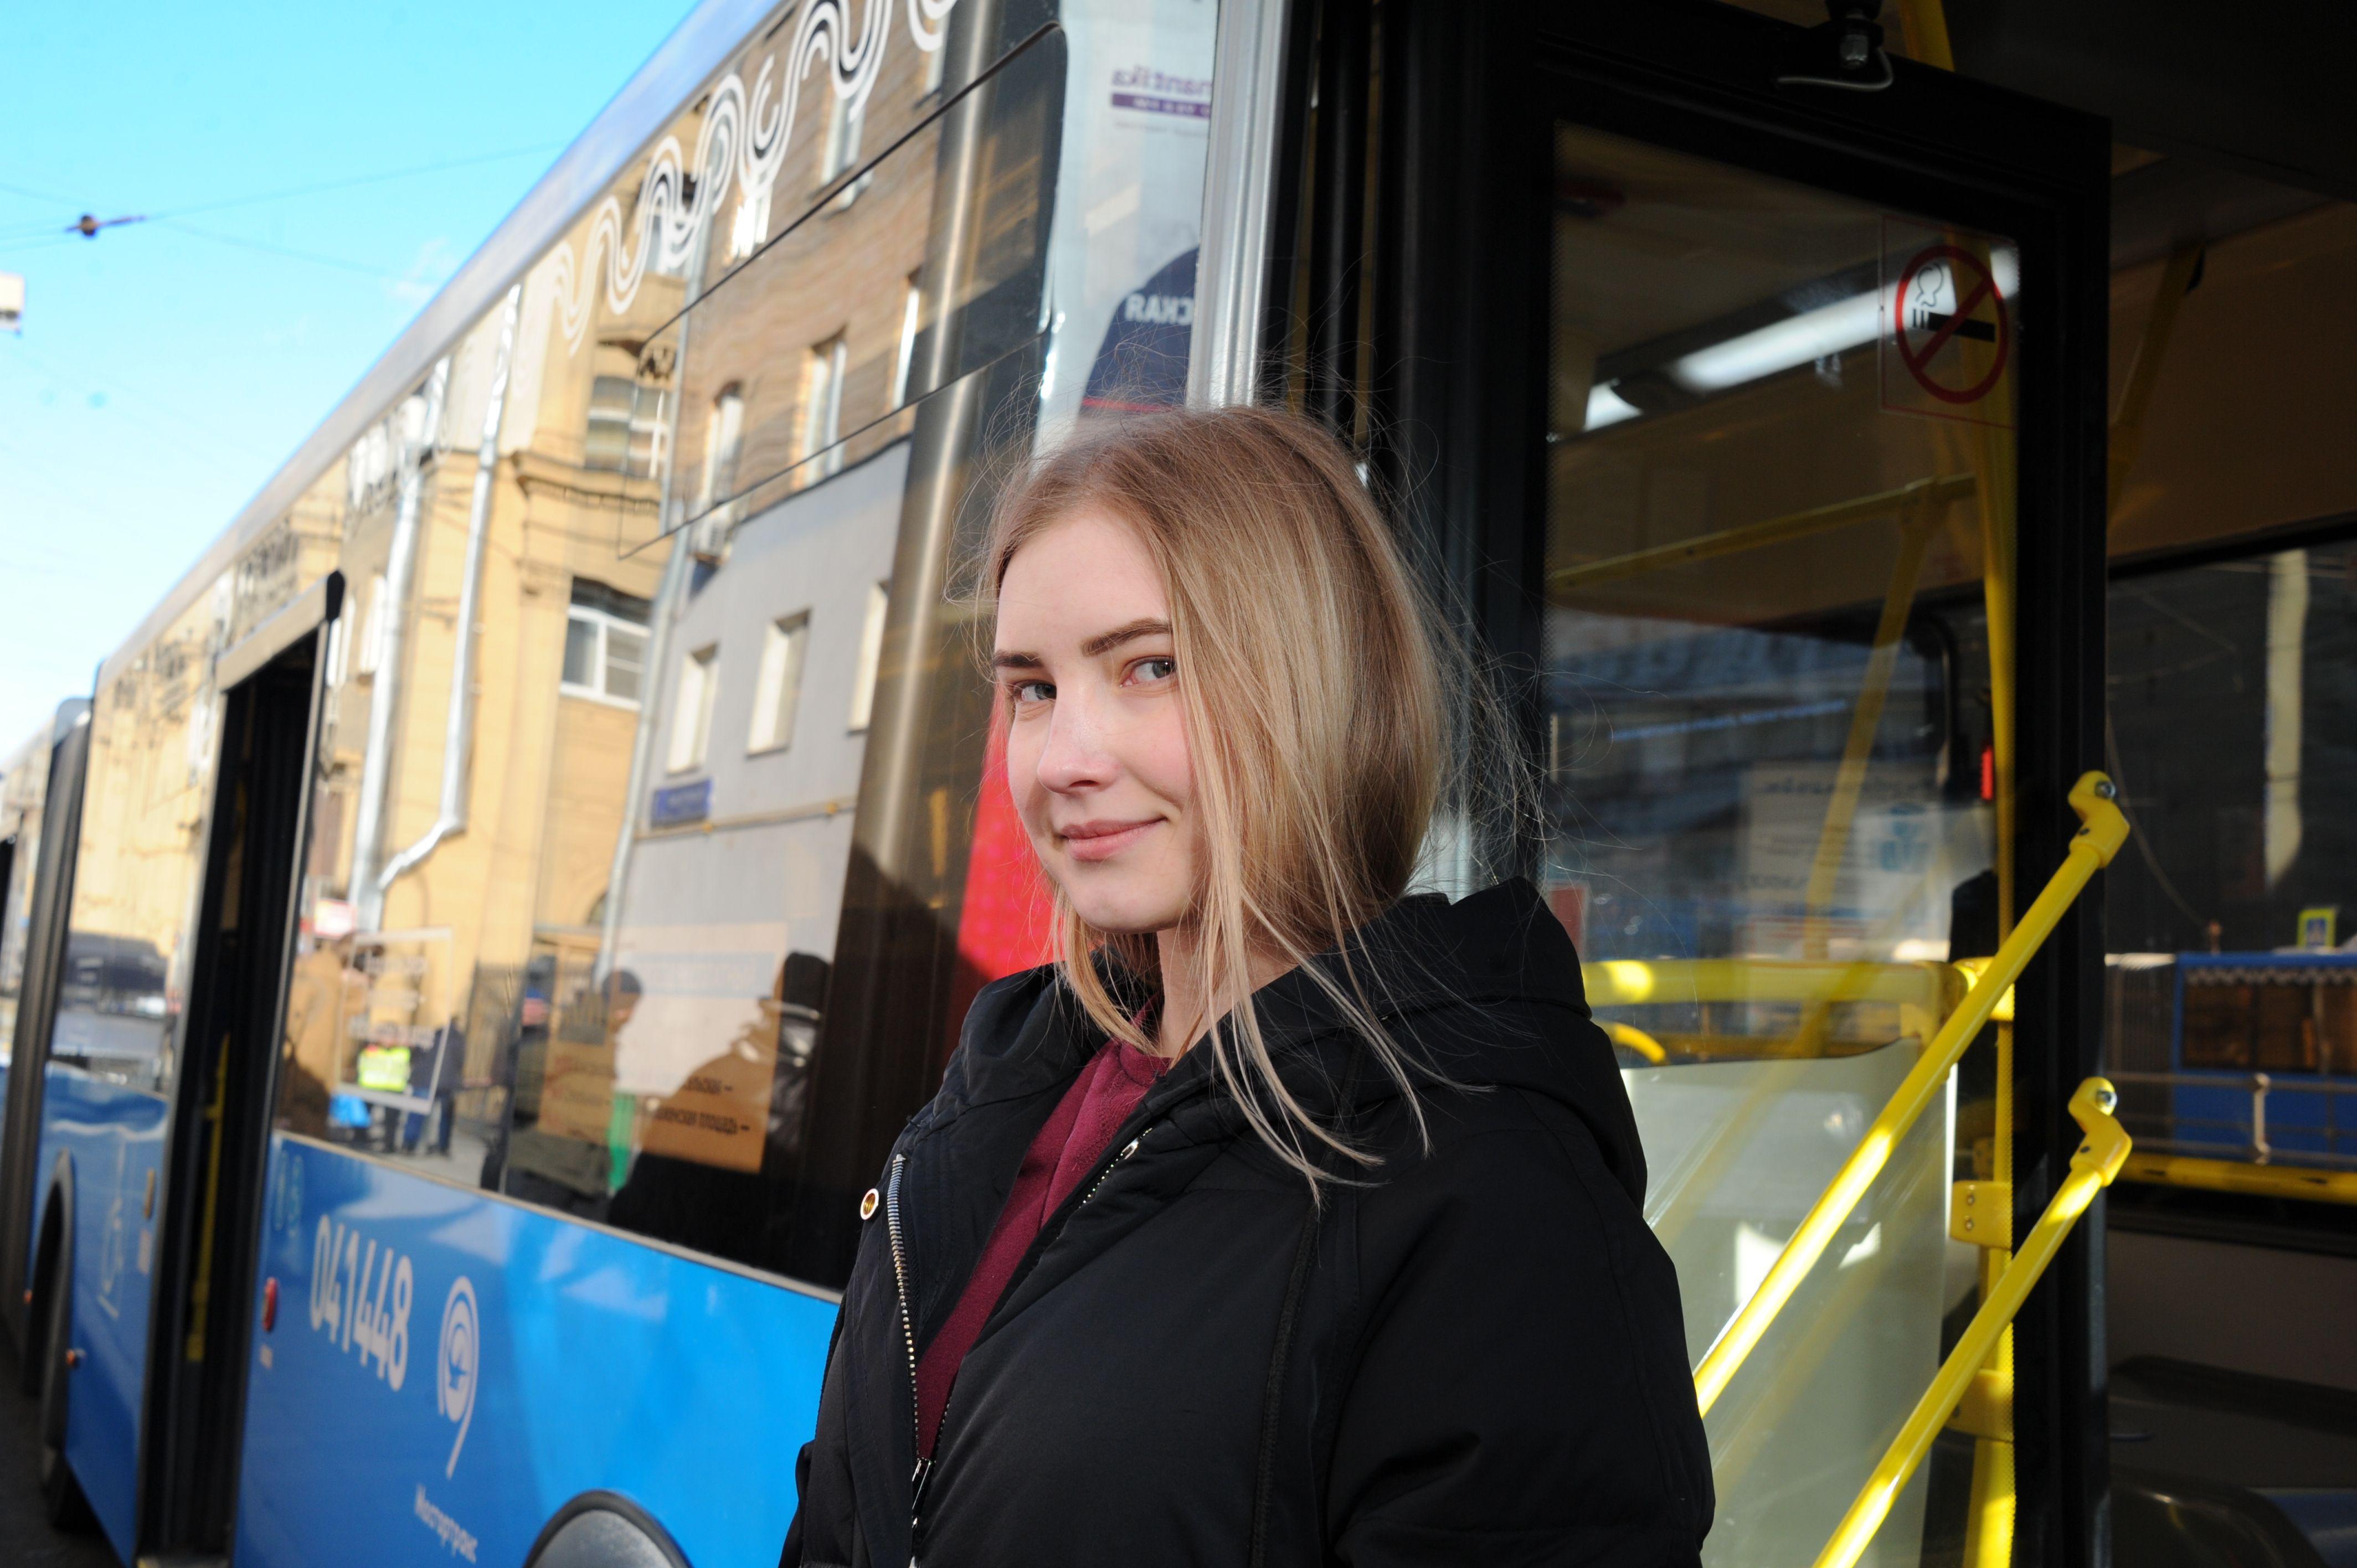 Москвичей обеспечили еще десятью бесплатными маршрутами в районе закрытых станций метро